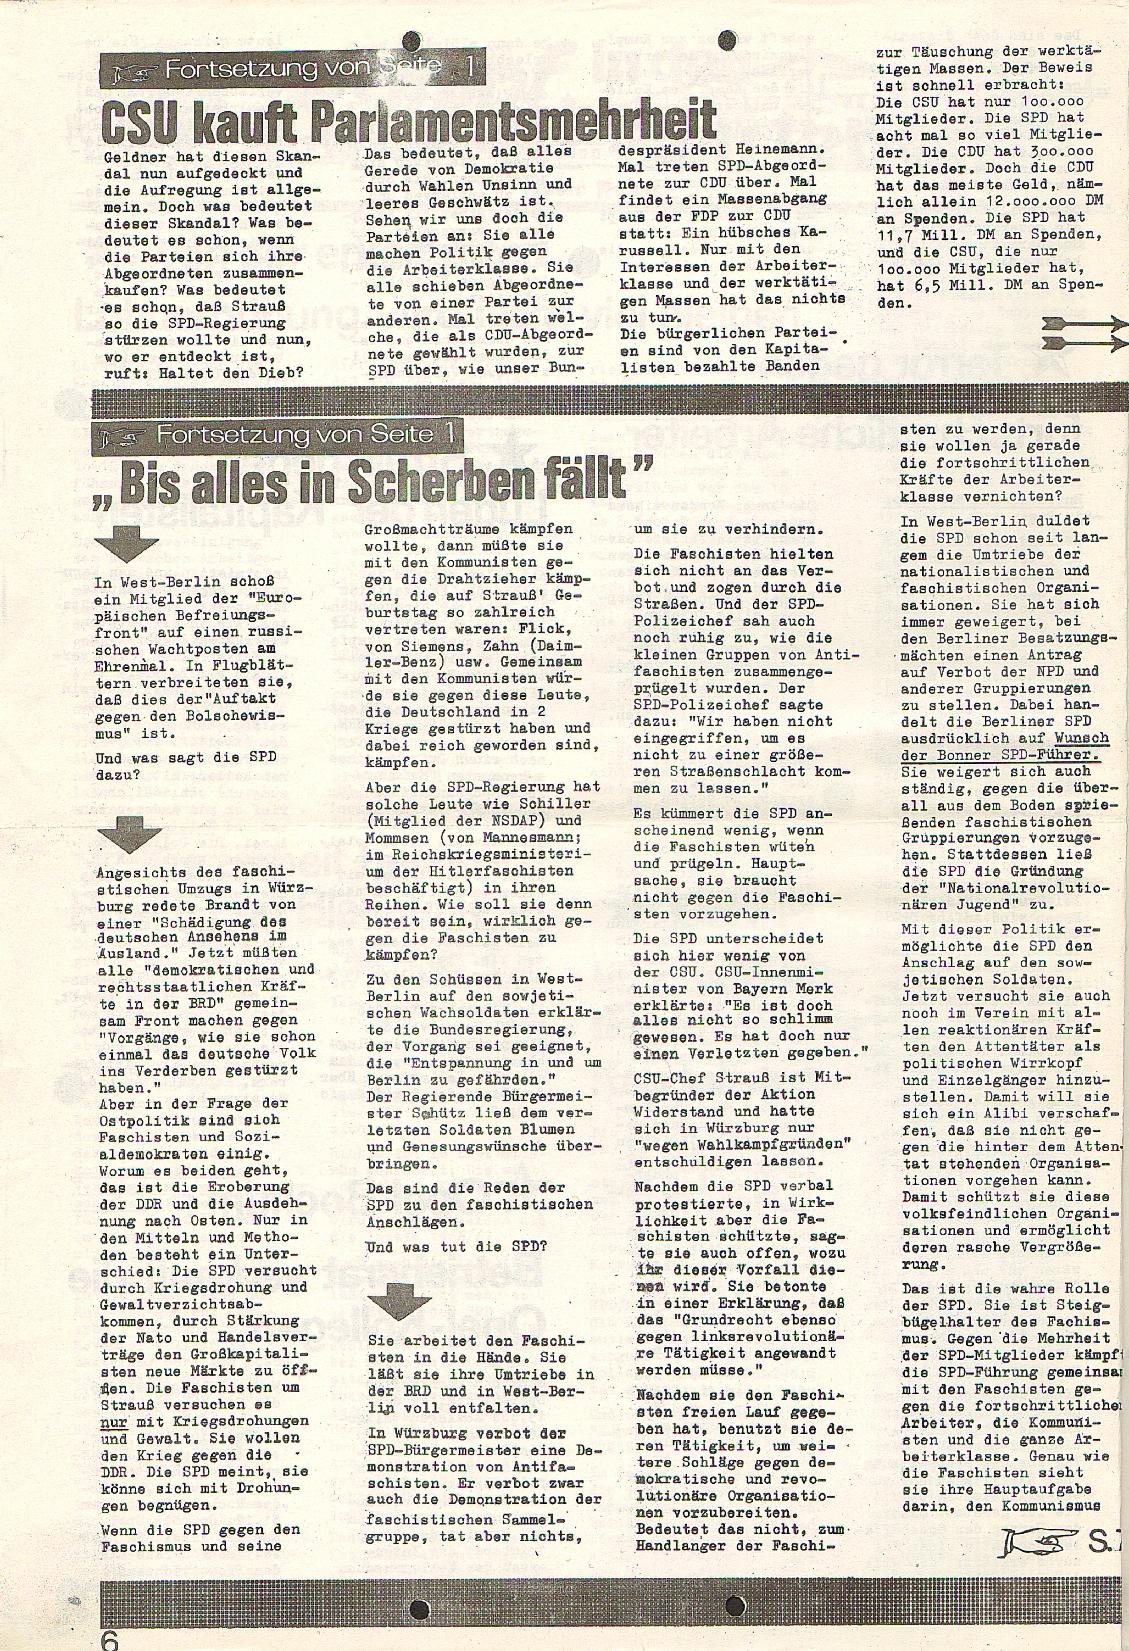 Rote Fahne, 1. Jg., 23.11.1970, Nr. 4, Seite 6